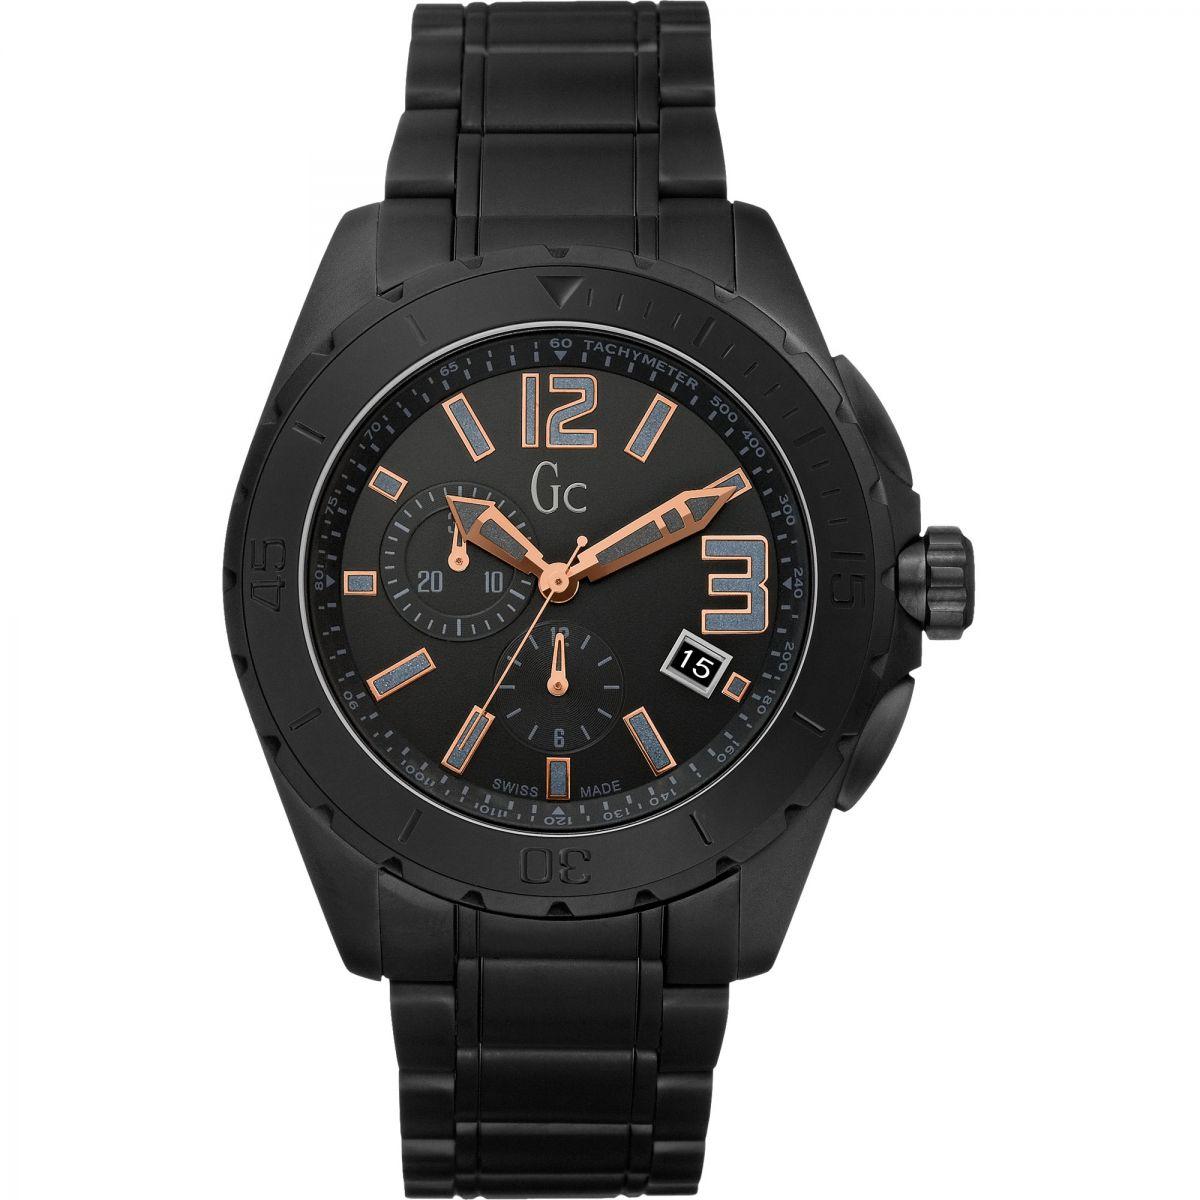 Gents Gc Sport Class XXL Blackout Watch (X76009G2S) | WatchShop.com™